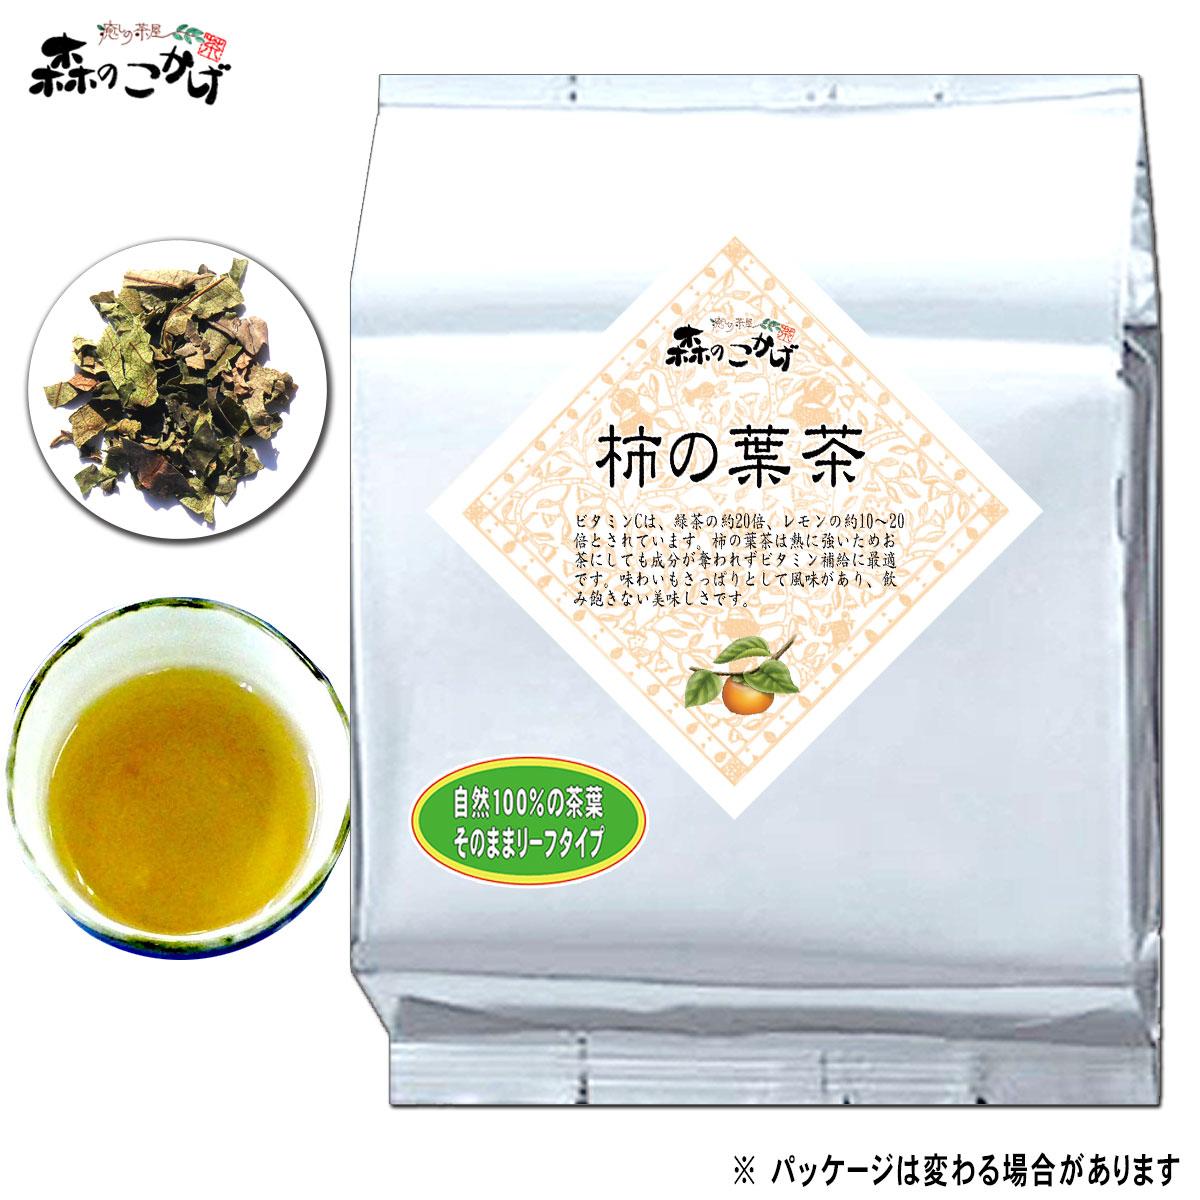 柿の葉茶 (1kg) G【健康茶】 柿の葉茶 (1kg) 茶葉< 業務用 > 柿のは 100% 柿葉茶 こくさん カキノハ 健康茶 かきのはちゃ 森のこかげ 健やかハウス